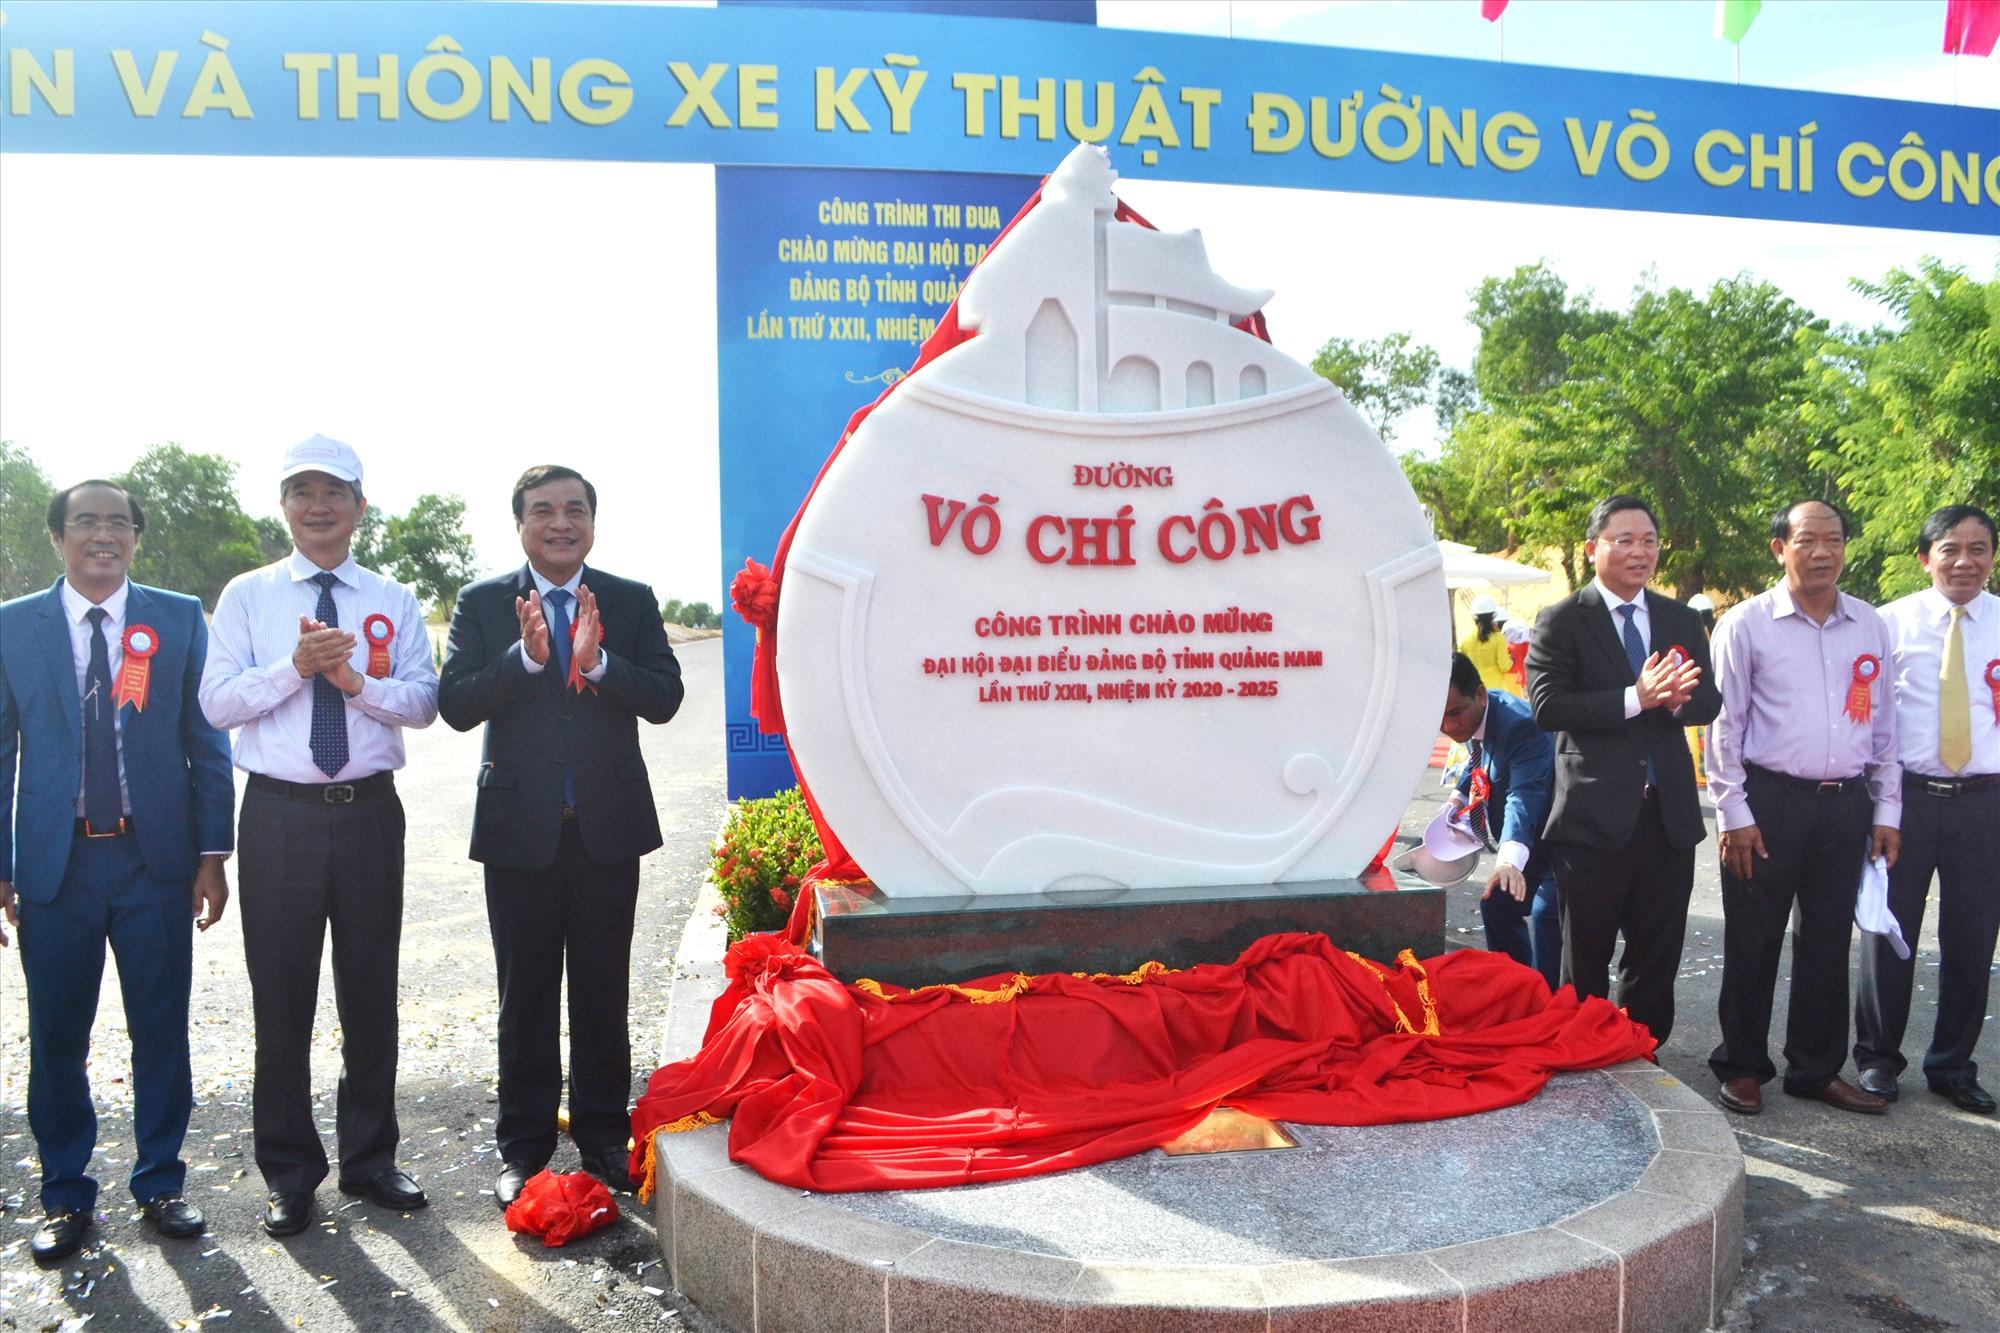 Thực hiện nghi thức gắn biển công nhận công trình thi đua chào mừng Đại hội đại biểu Đảng bộ tỉnh lần thứ XXII. Ảnh: CT